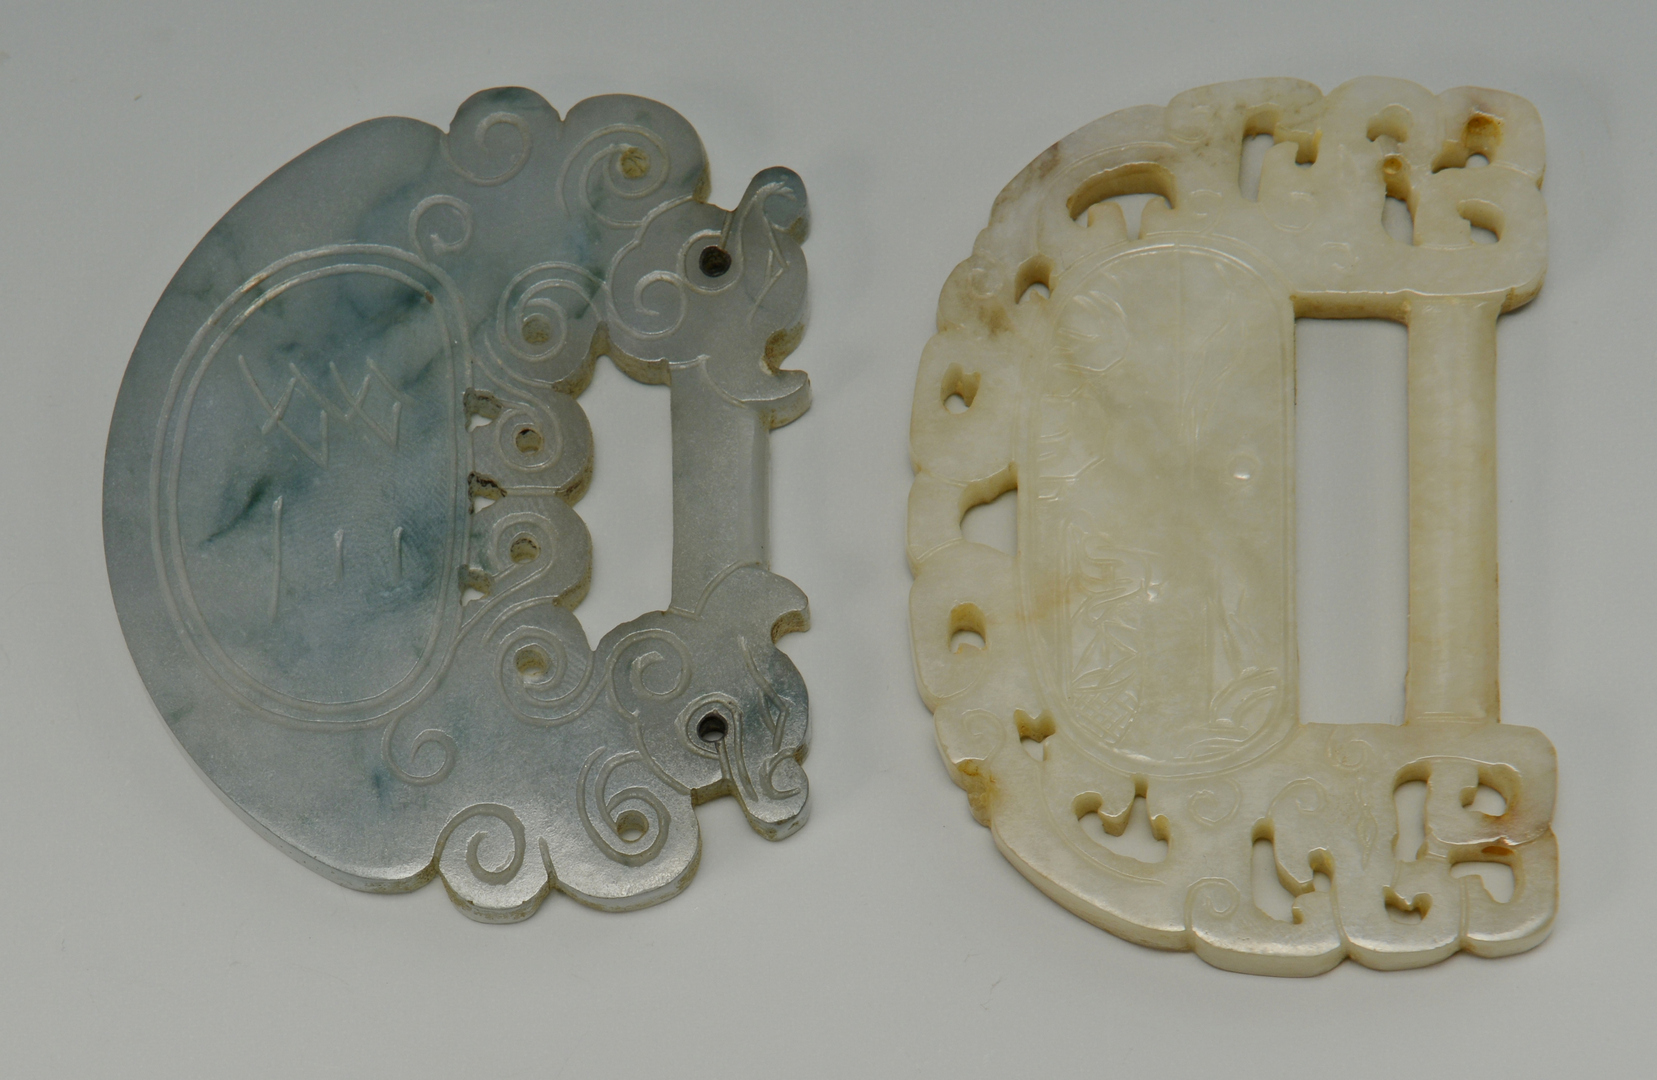 Lot 3088144: 2 Jade Chinese Buckles, 1 White Jade